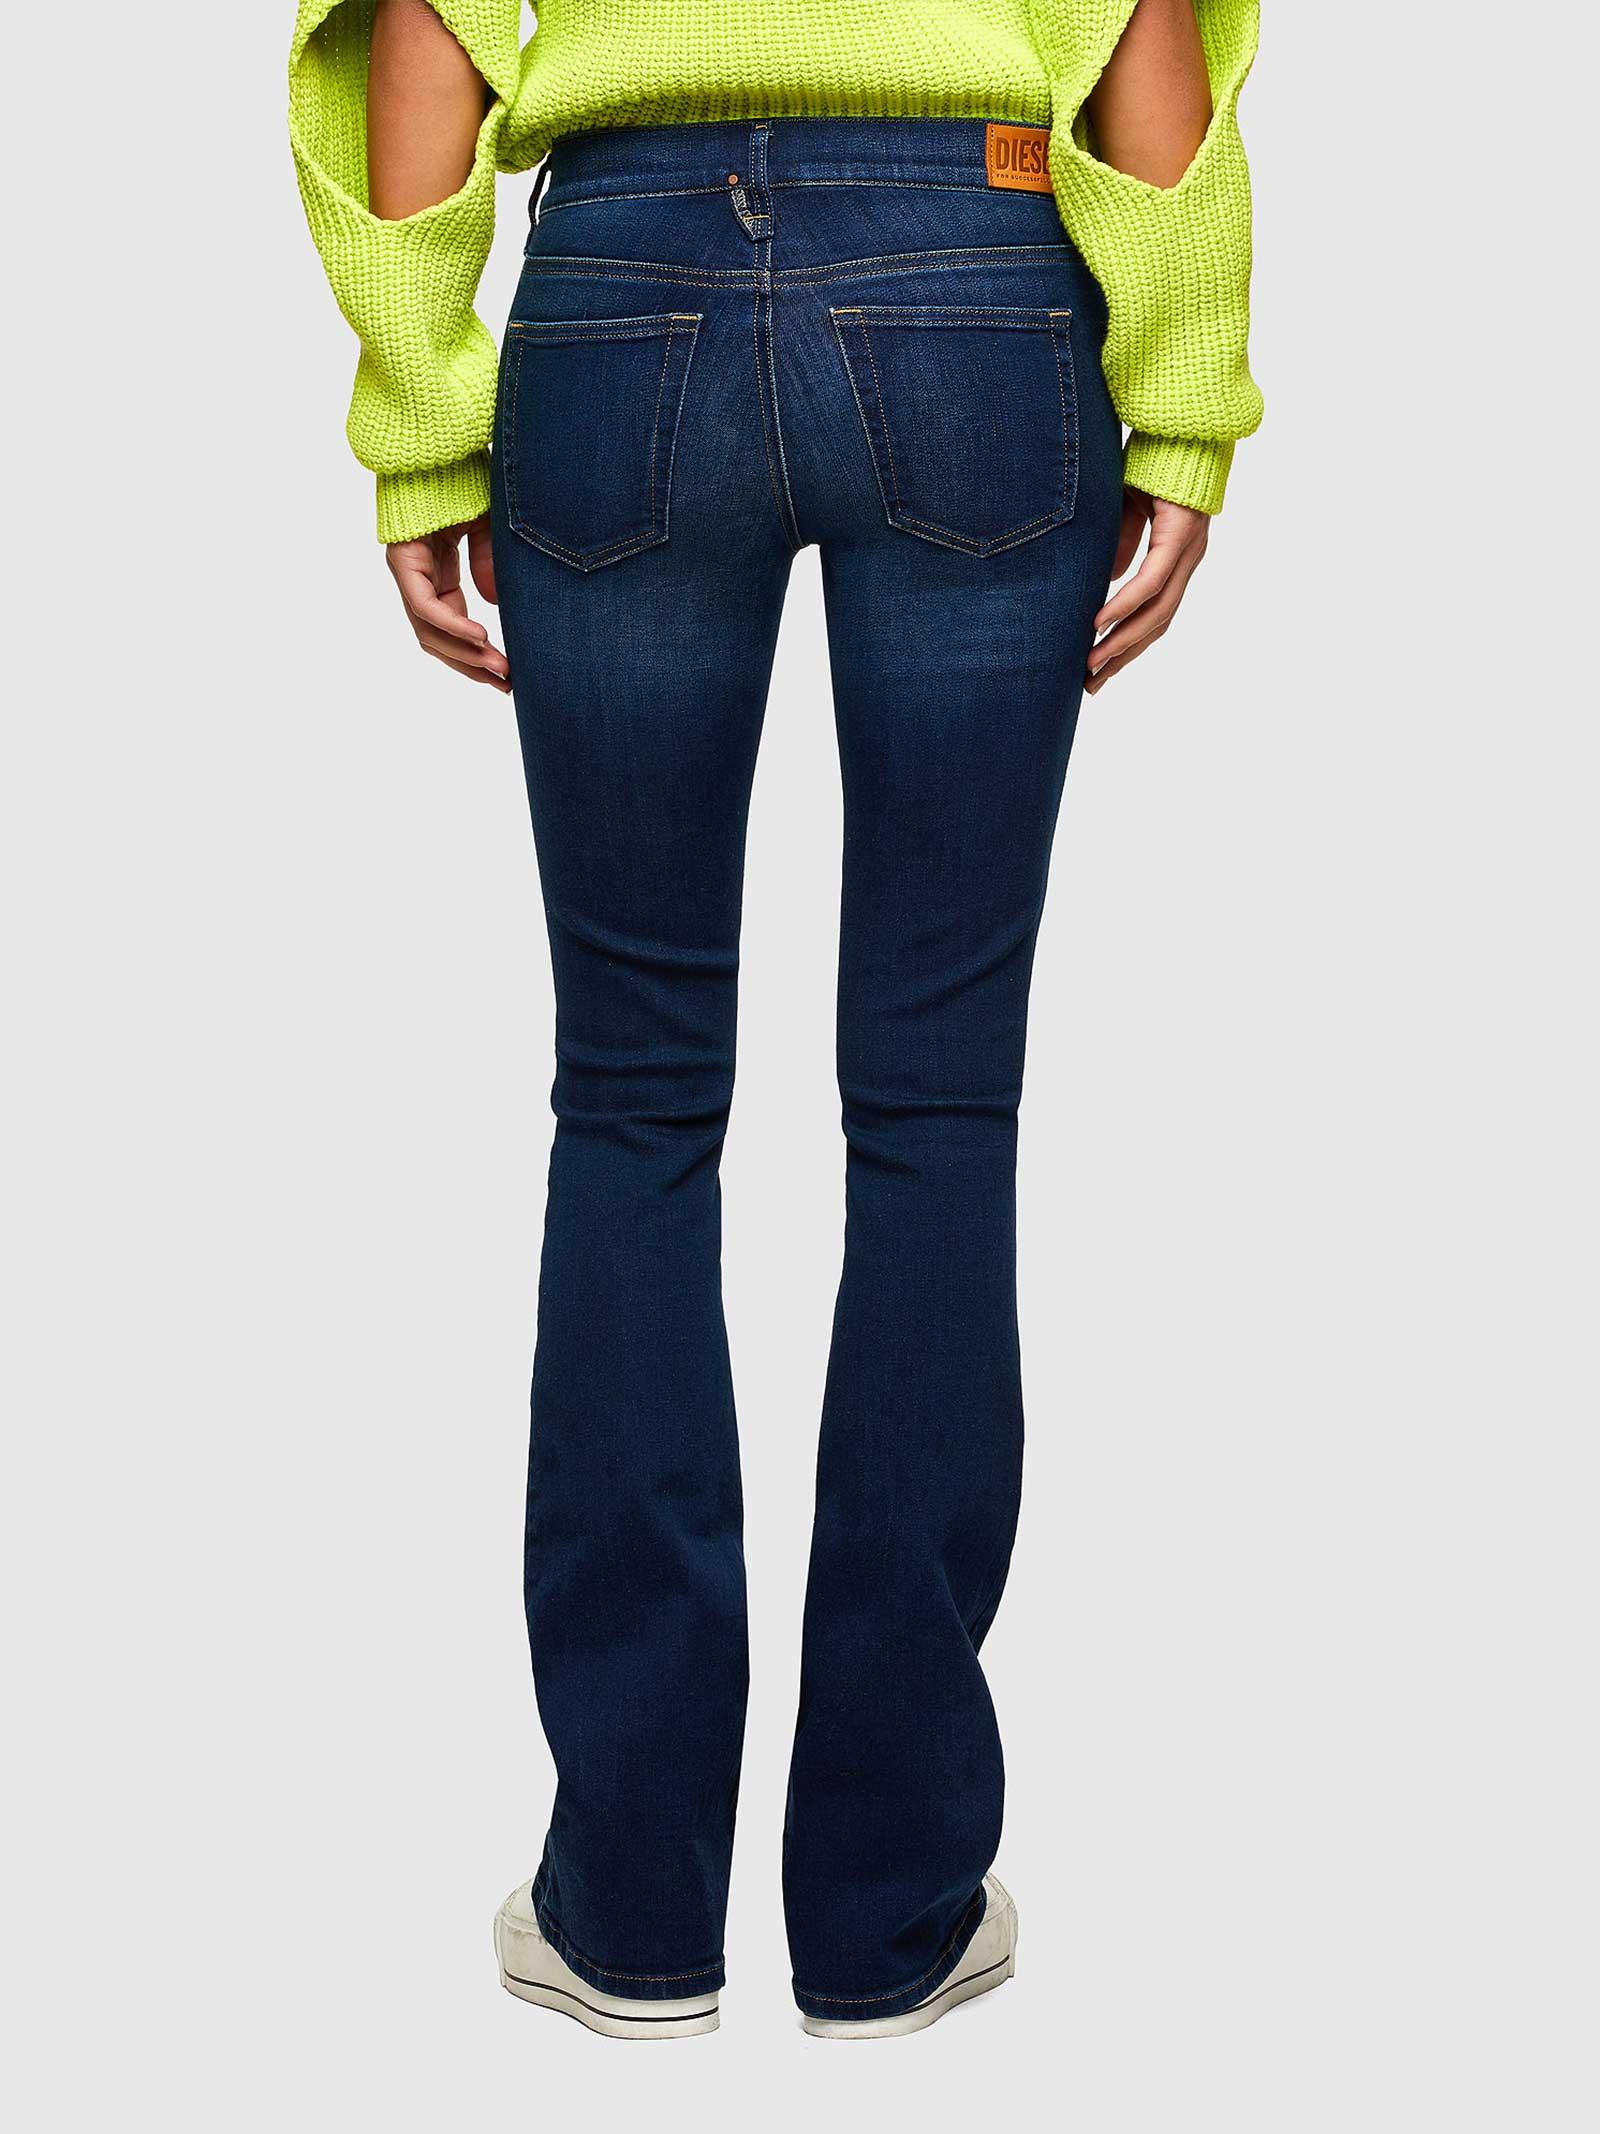 D-ebbey Jeans Diesel | Jeans | 00SMMV-009NM01